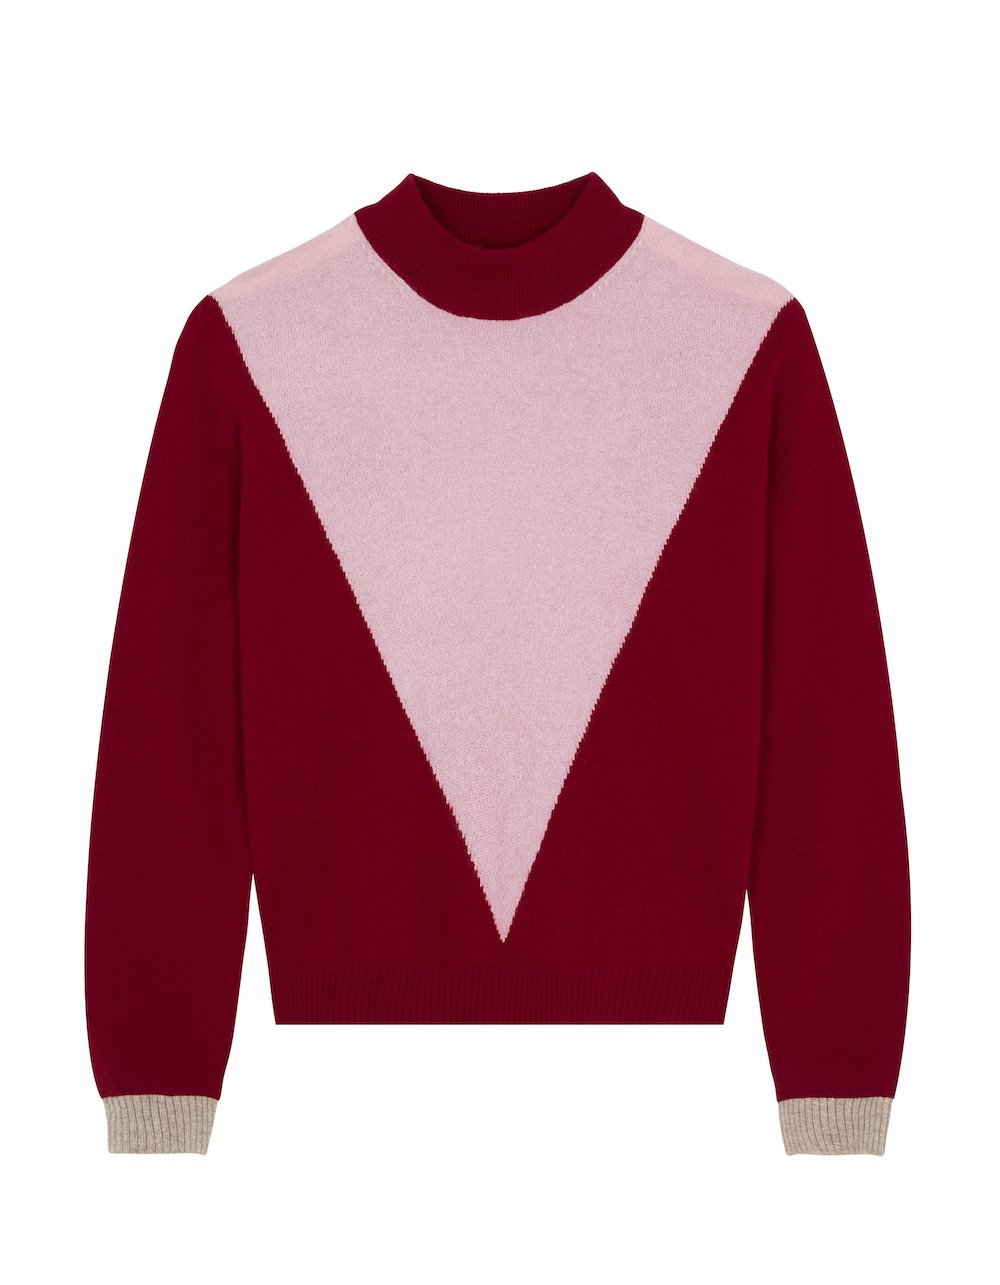 Intarsia_Funnel_sweater_Red_39c3a5b2-194f-491c-824d-0712087f4535.jpg